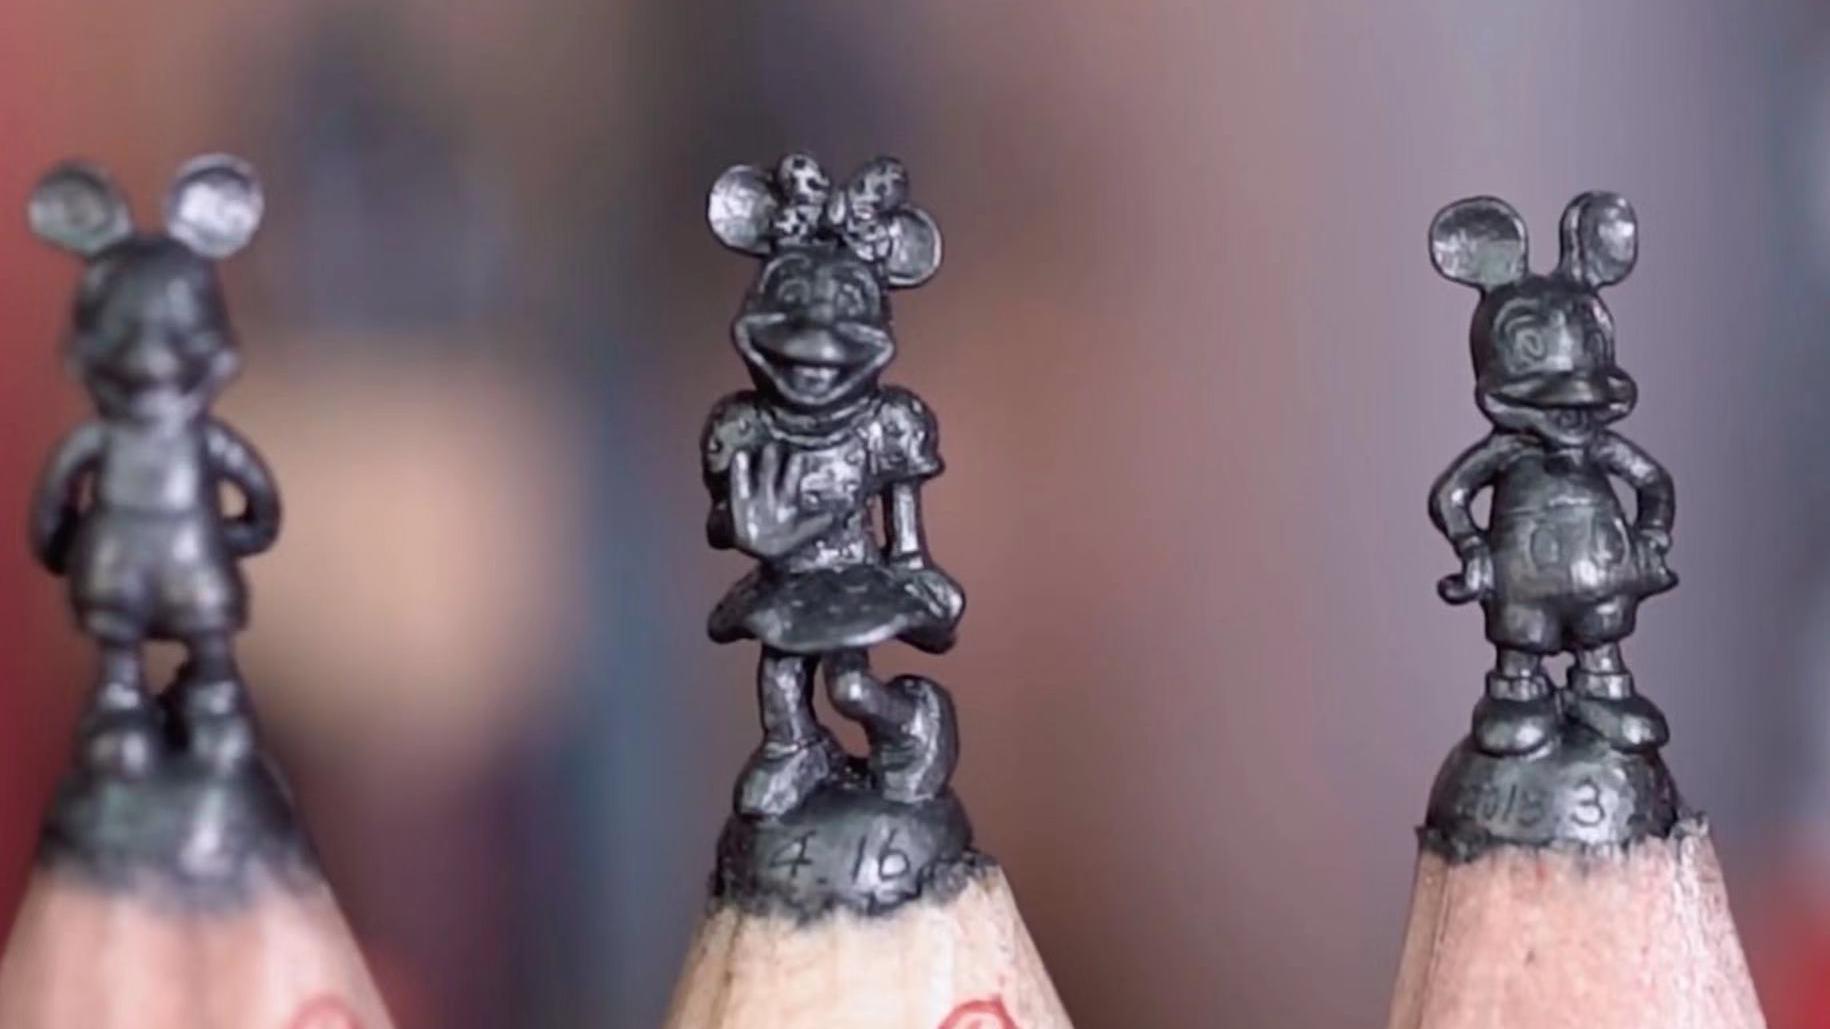 一支铅笔喊价1500美金?这个台湾人在铅笔芯上雕刻,创下了世界纪录